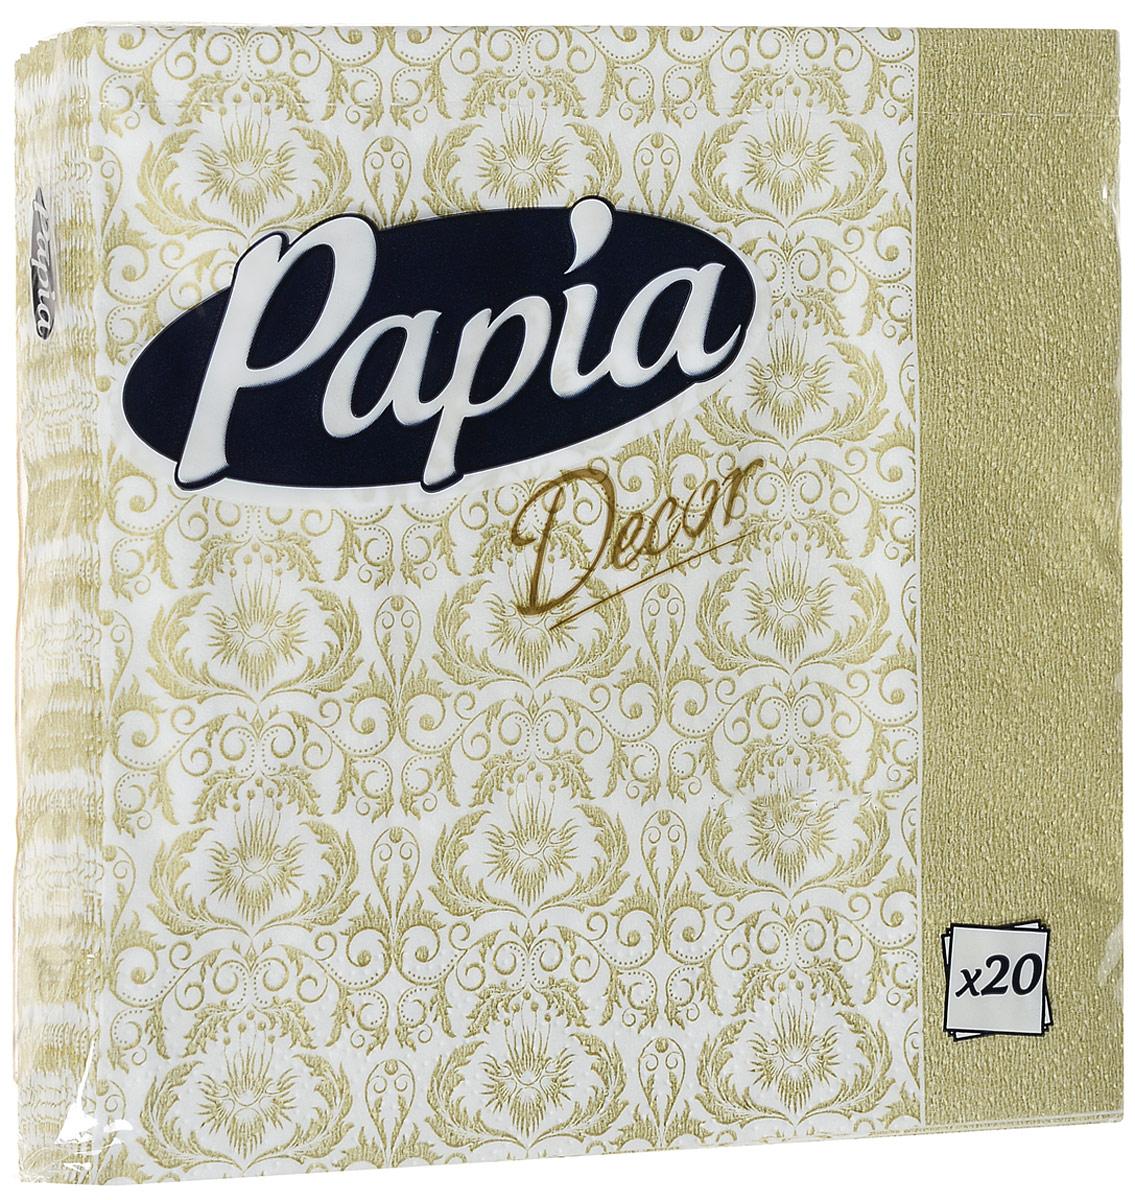 Салфетки бумажные Papia Decor, трехслойные, цвет: золотой, 33 х 33 см, 20 шт1899Трехслойные салфетки Papia Decor, выполненные из 100% целлюлозы, оформлены красивым рисунком. Салфетки предназначены для красивой сервировки стола. Оригинальный дизайн салфеток добавит изысканности вашему столу и поднимет настроение. Размер салфеток: 33 см х 33 см.